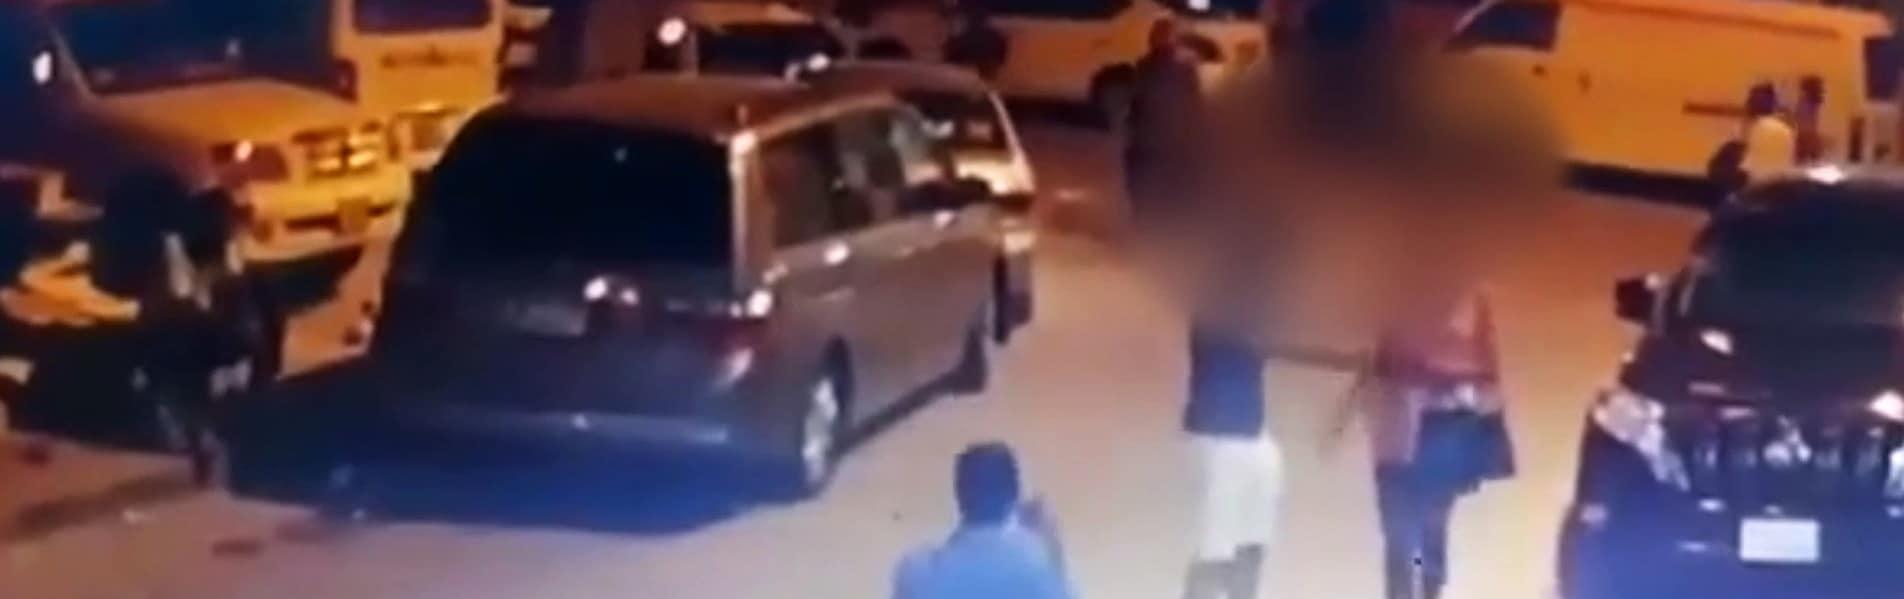 (فيديو) صادم من الكويت لما فعله مواطن مع أوكرانية وصدفة تنقذها من هتك عرضها